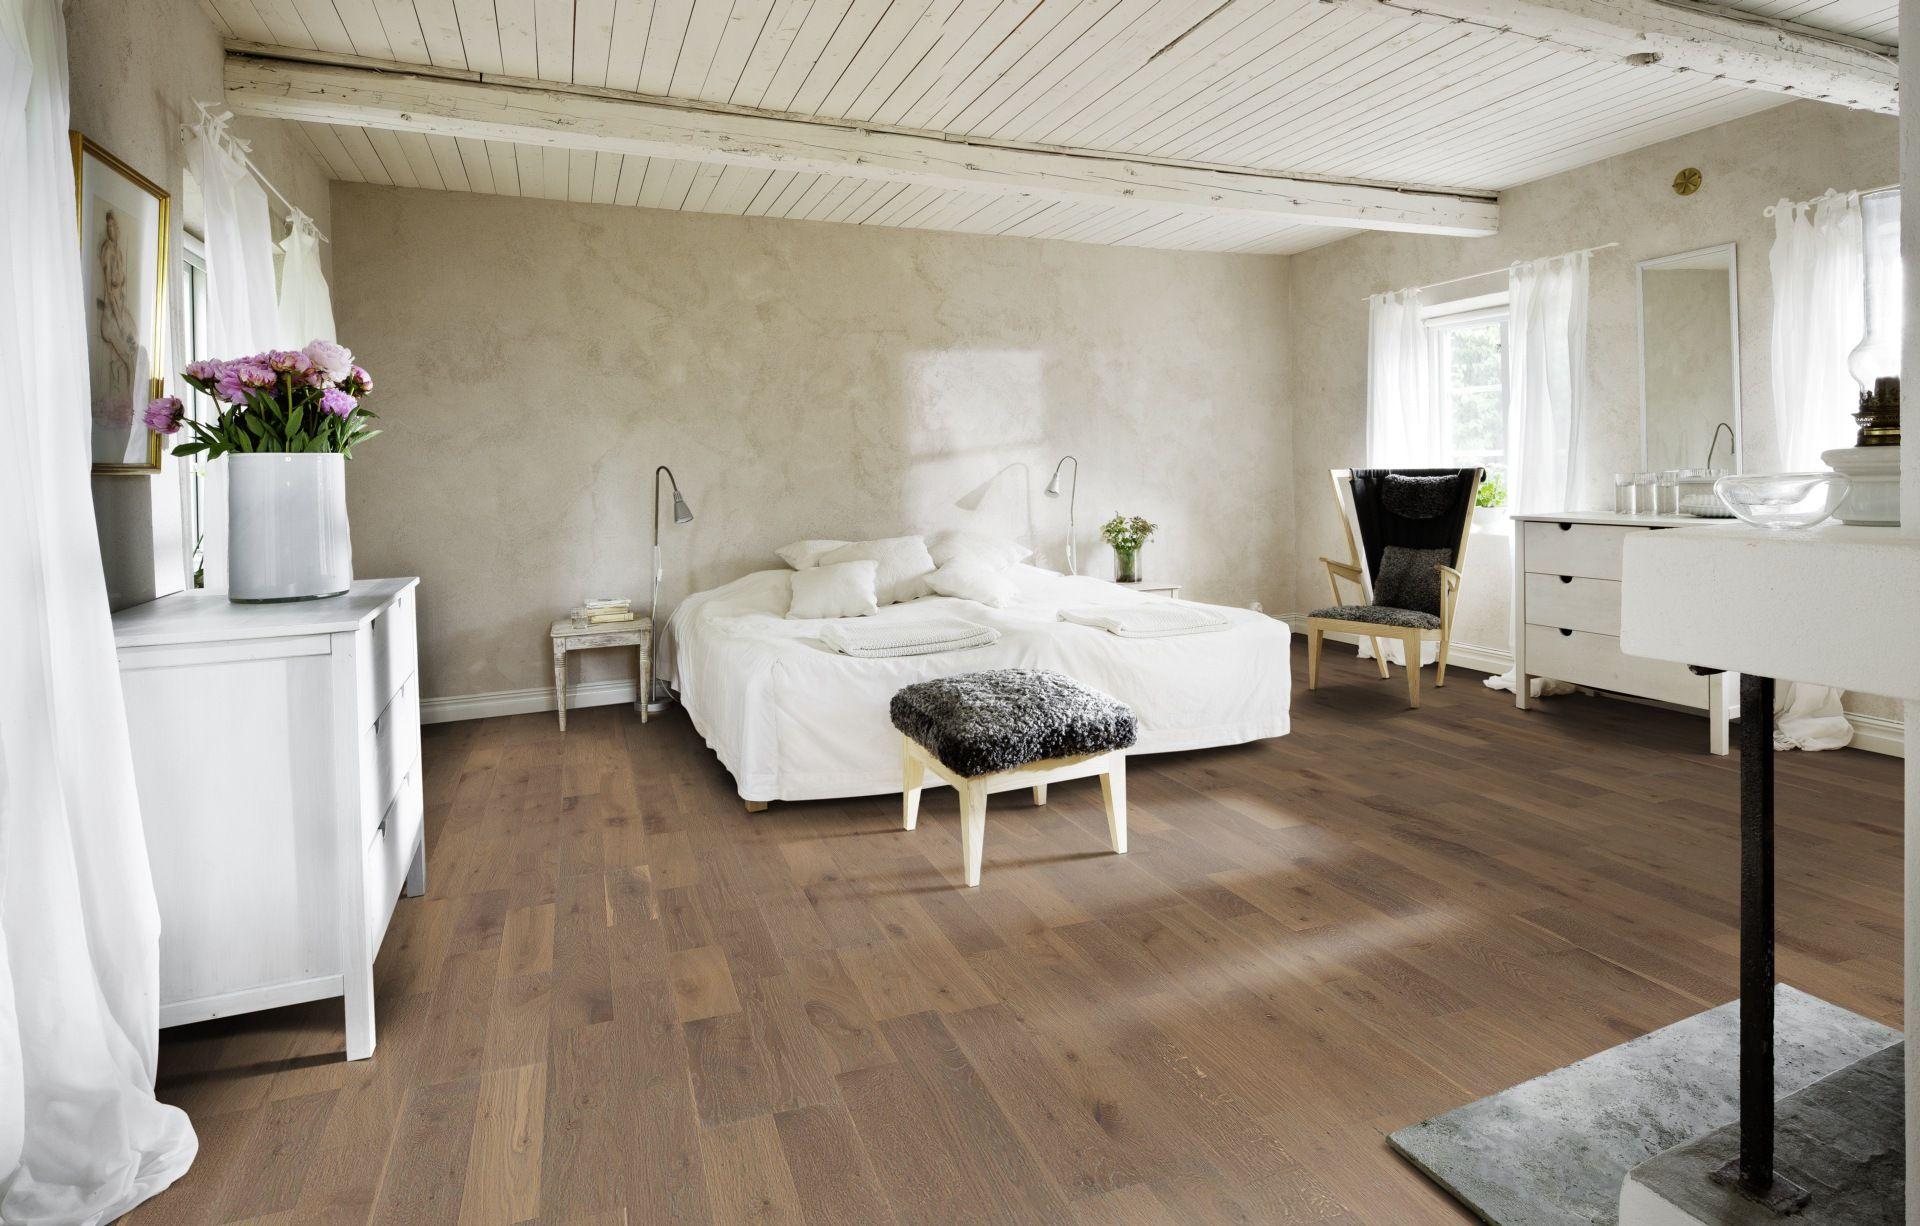 Master bedroom hardwood floors  Kährs  Ek Granite  Golv  Pinterest  Granite Master bedroom and